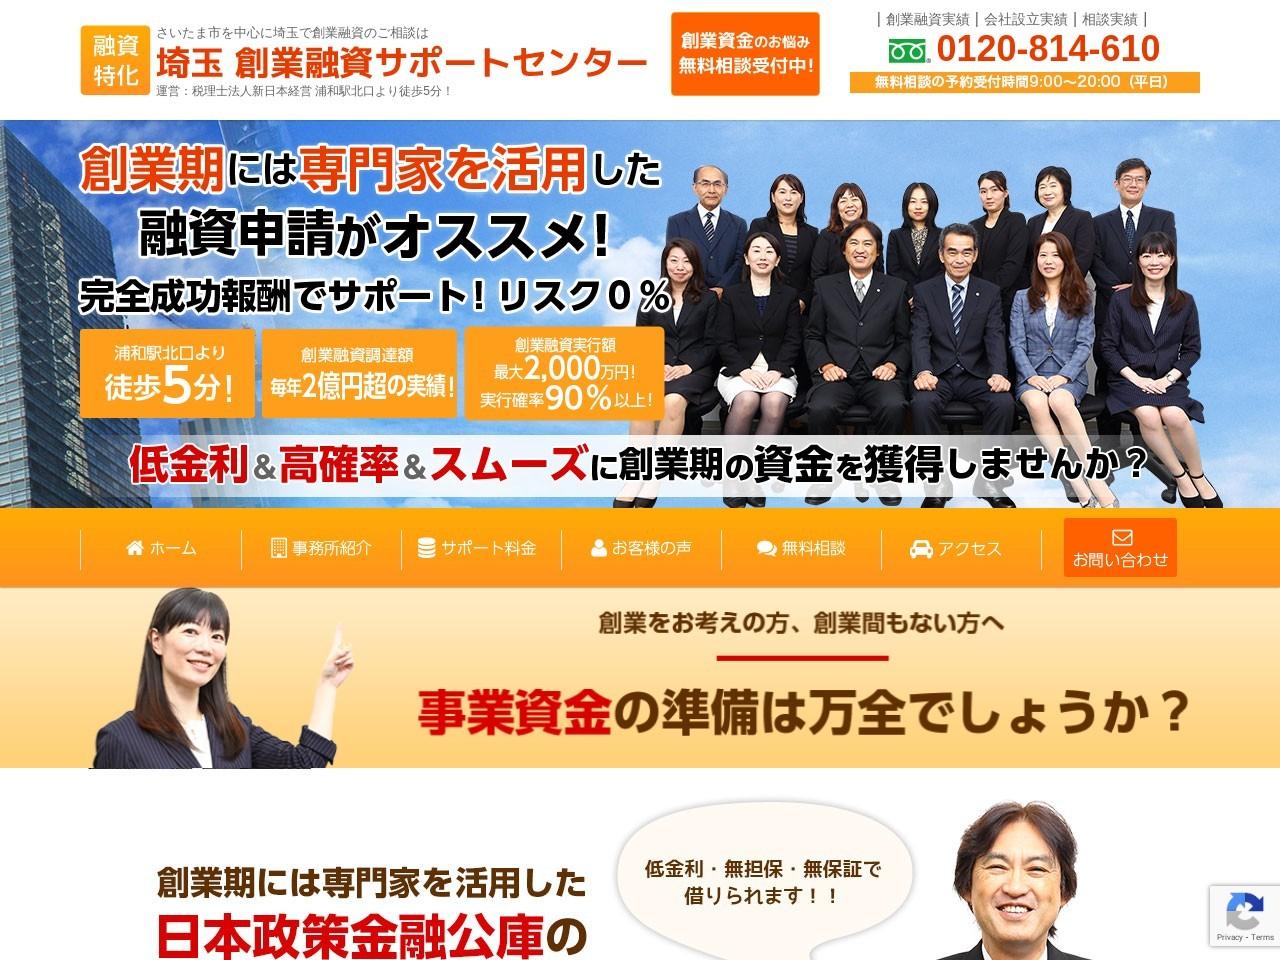 埼玉創業融資サポートセンター